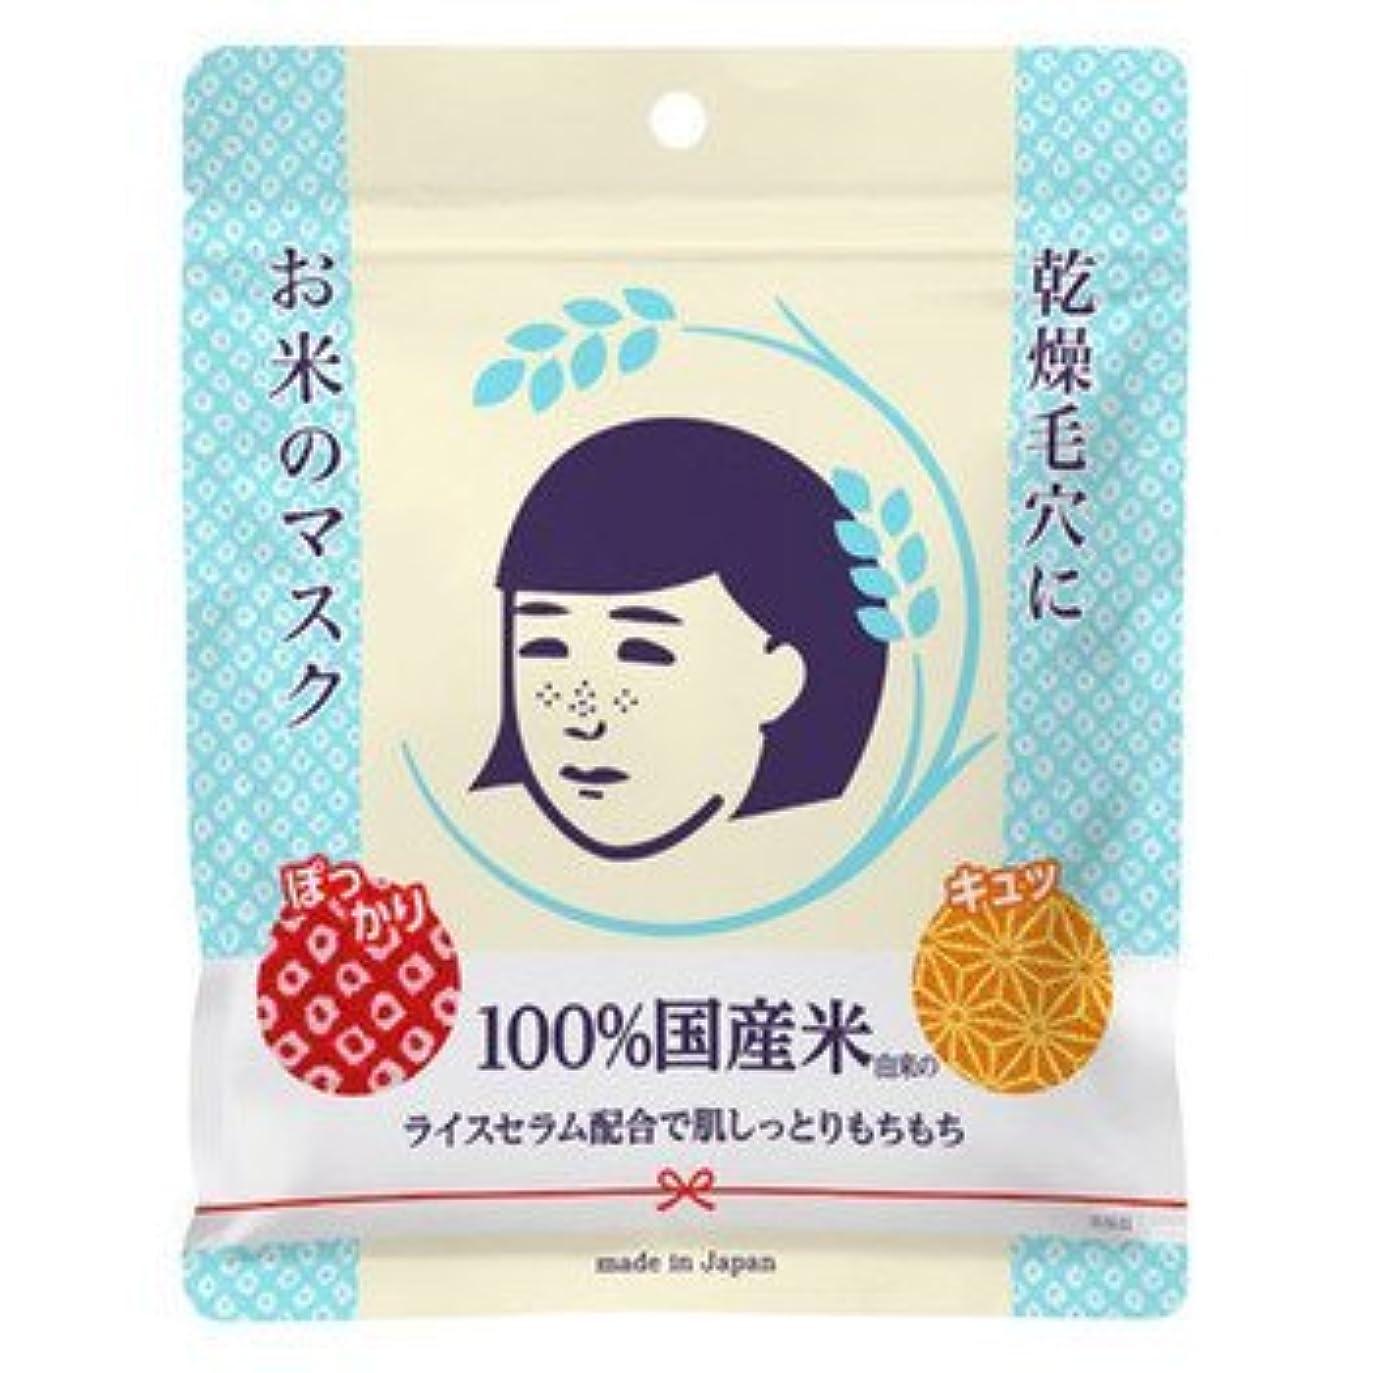 典型的な金貸し時間とともに毛穴撫子 お米のマスク 10枚入 6個入りセット